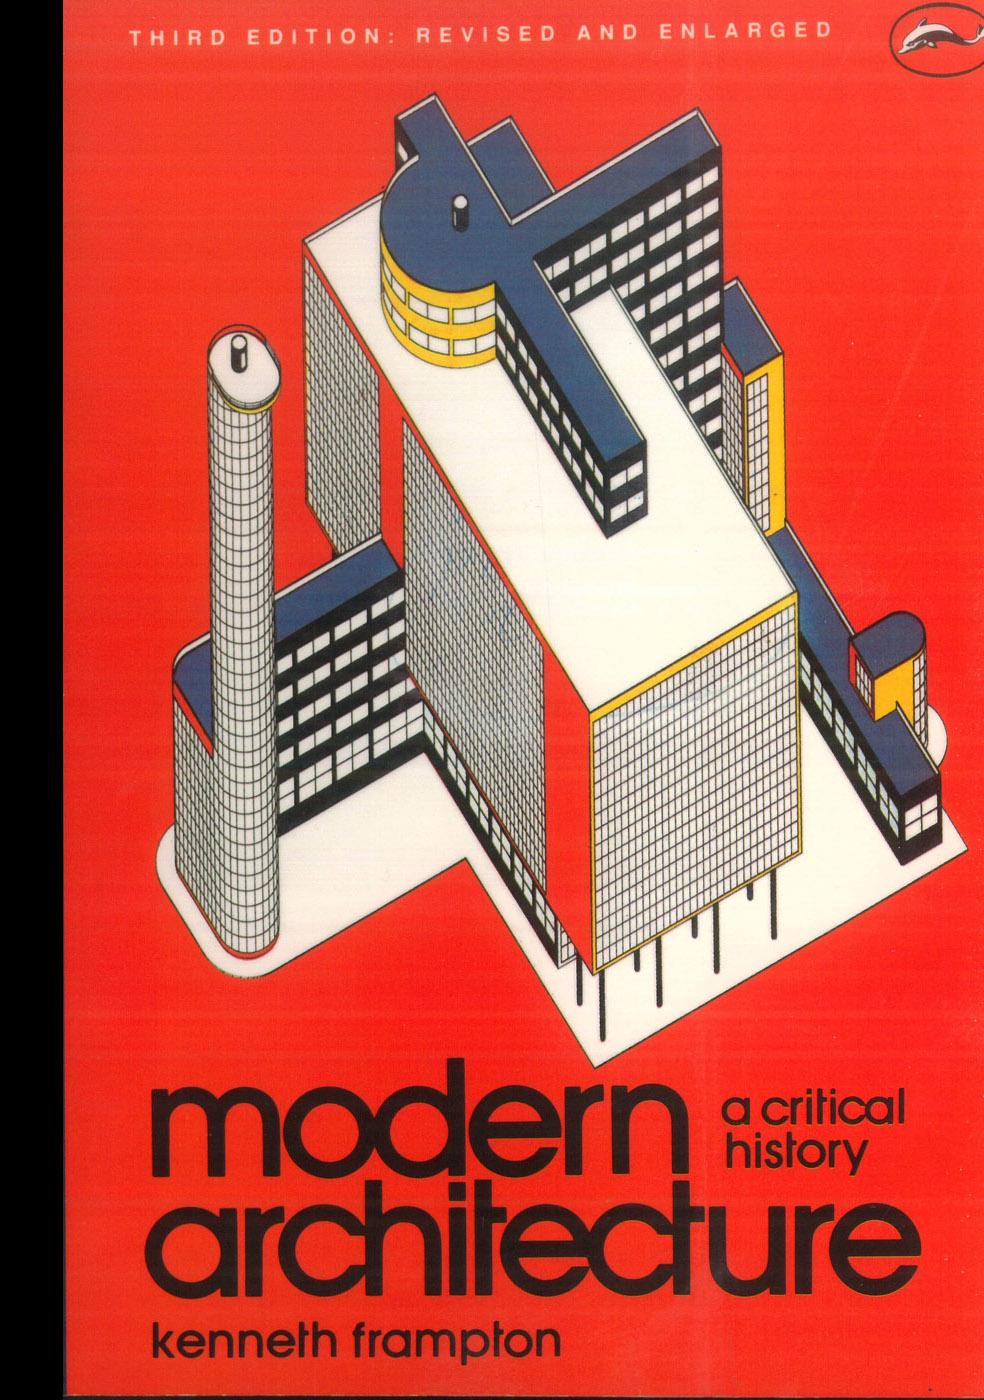 critical essay modern architecture 'play time' filmi ve modern mimarlık kuramlarına i̇lişkin eleştirel bir deneme 'play time' movie and a critical essay on modern architecture theories.